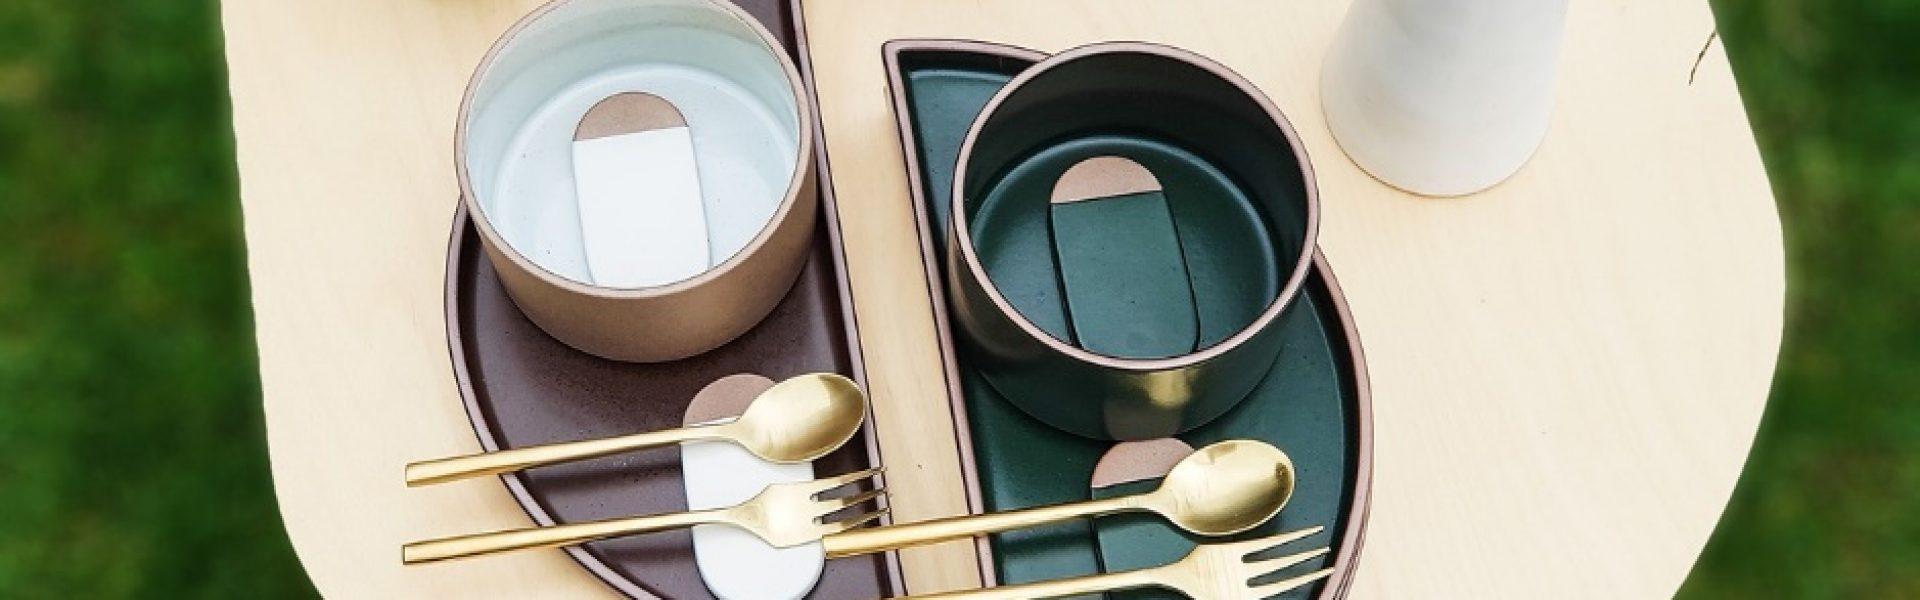 Vaisselle jetable pas cher